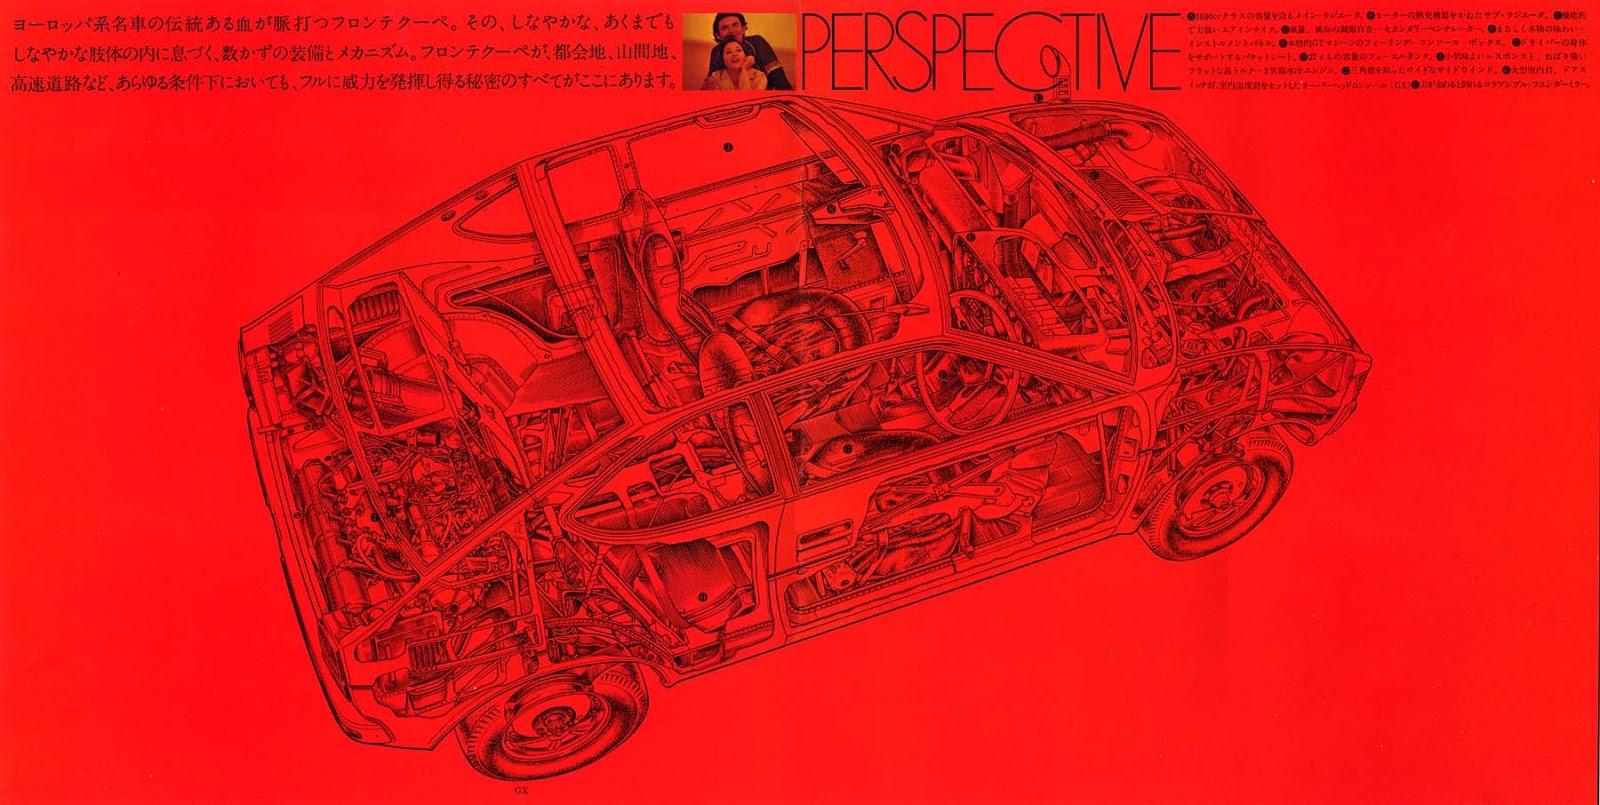 suzuki fronte coupe, lc10w, przekrój, kei car